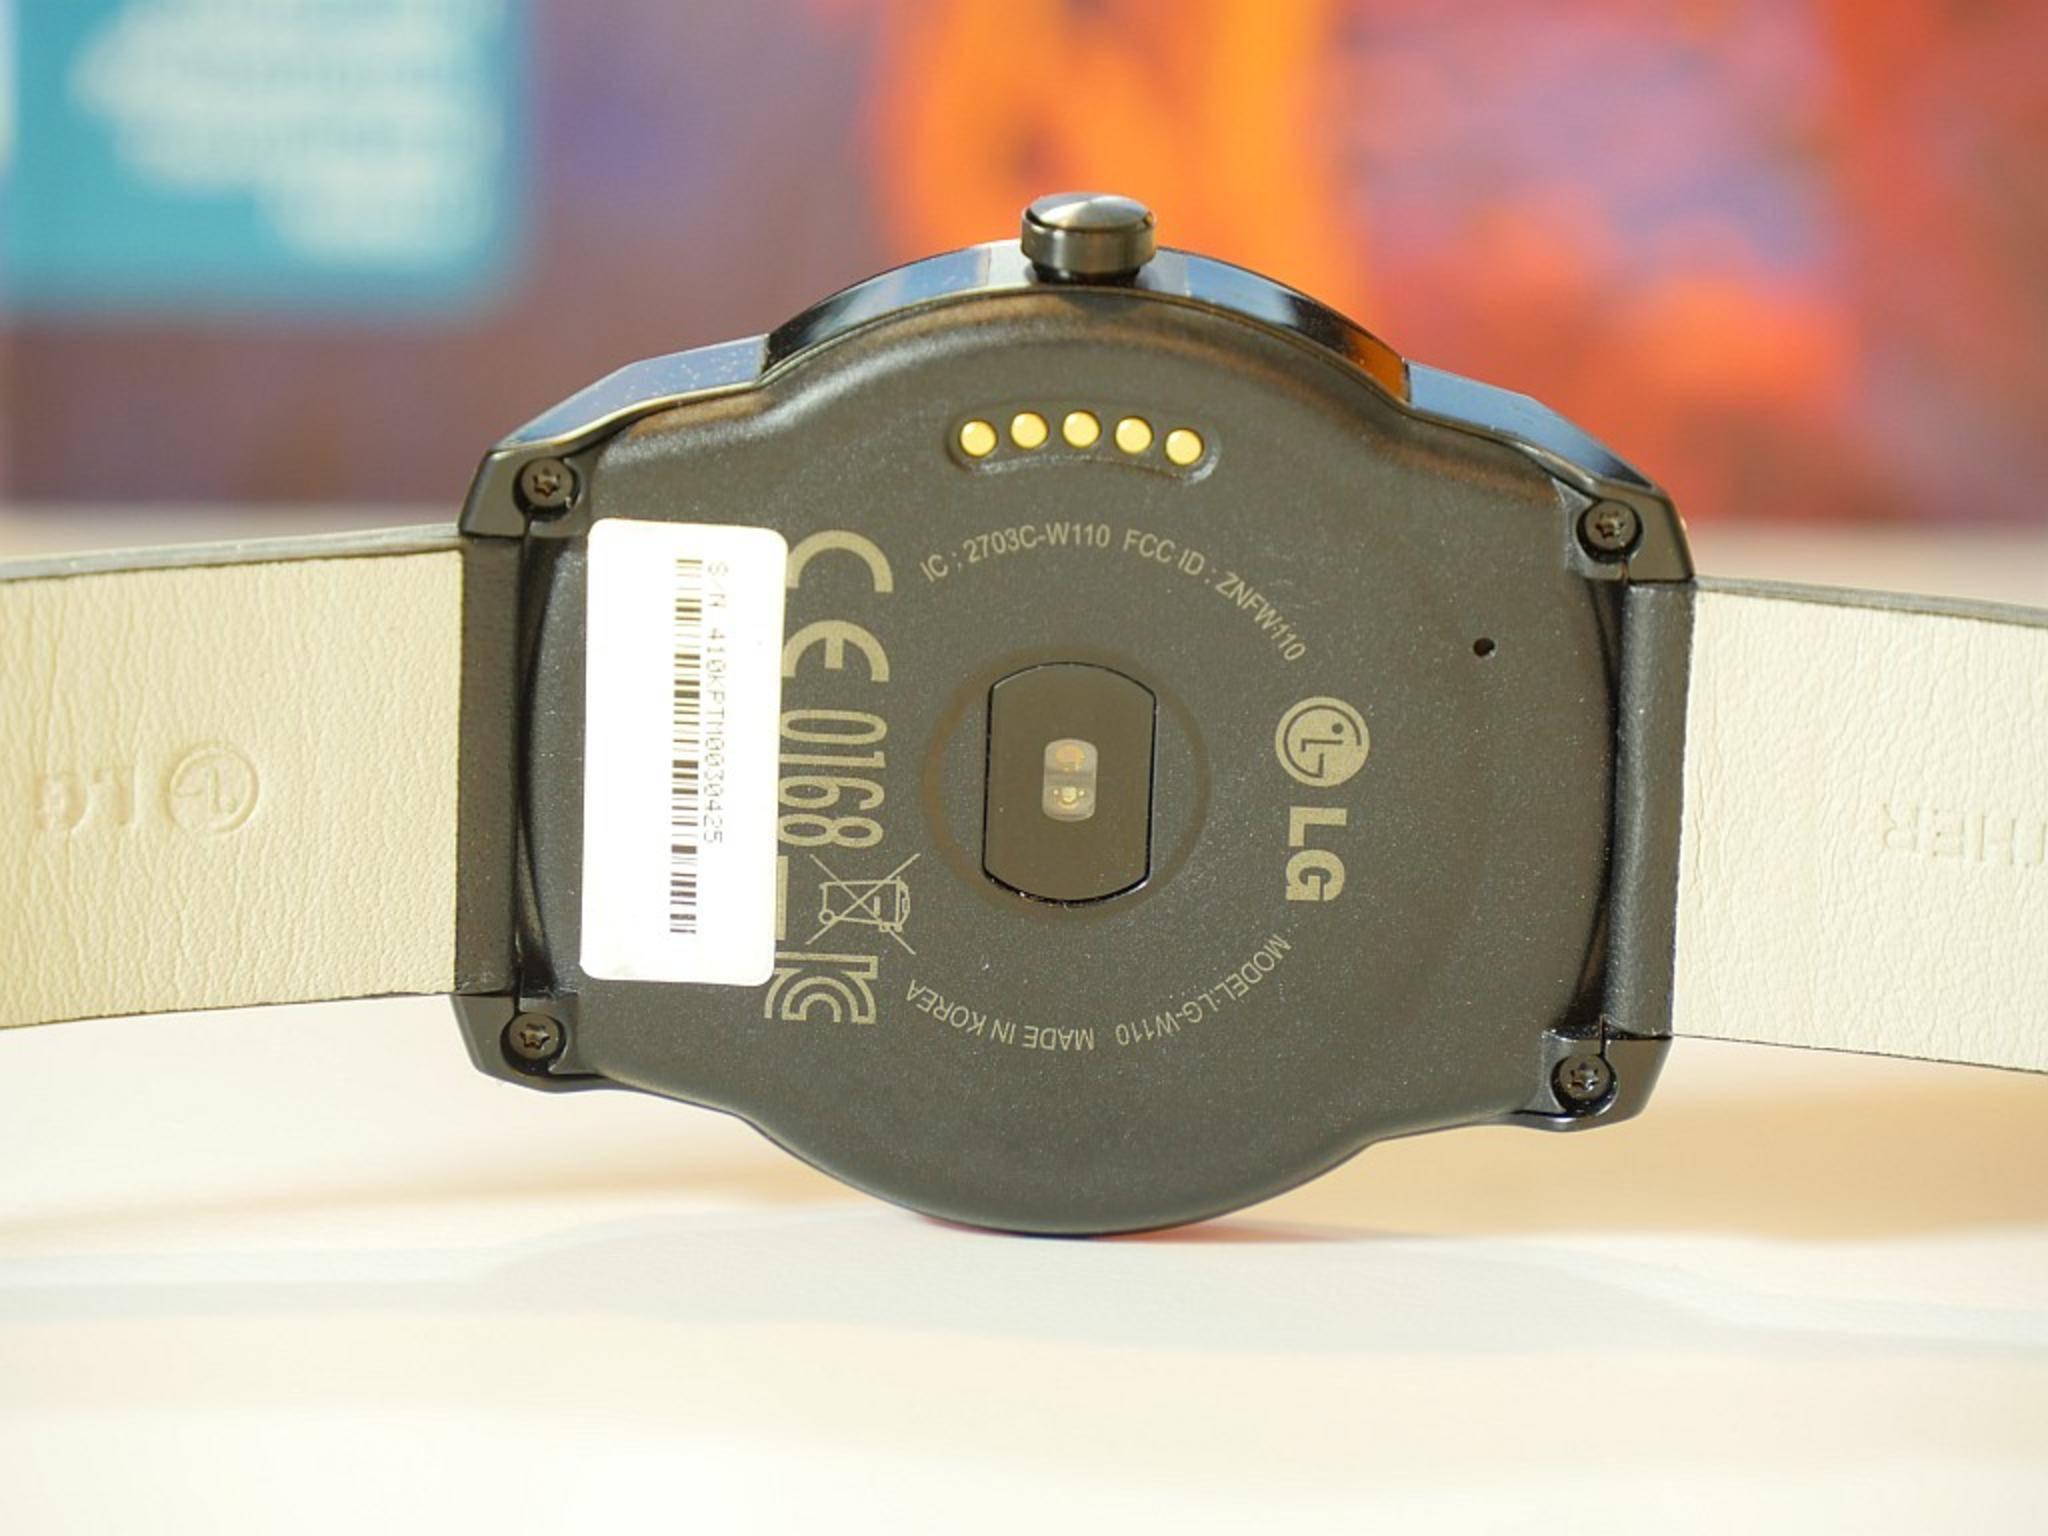 Auf der Uhrenrückseite sitzen die Ladekontakte und ein optischer Sensor zum Pulsmessen.